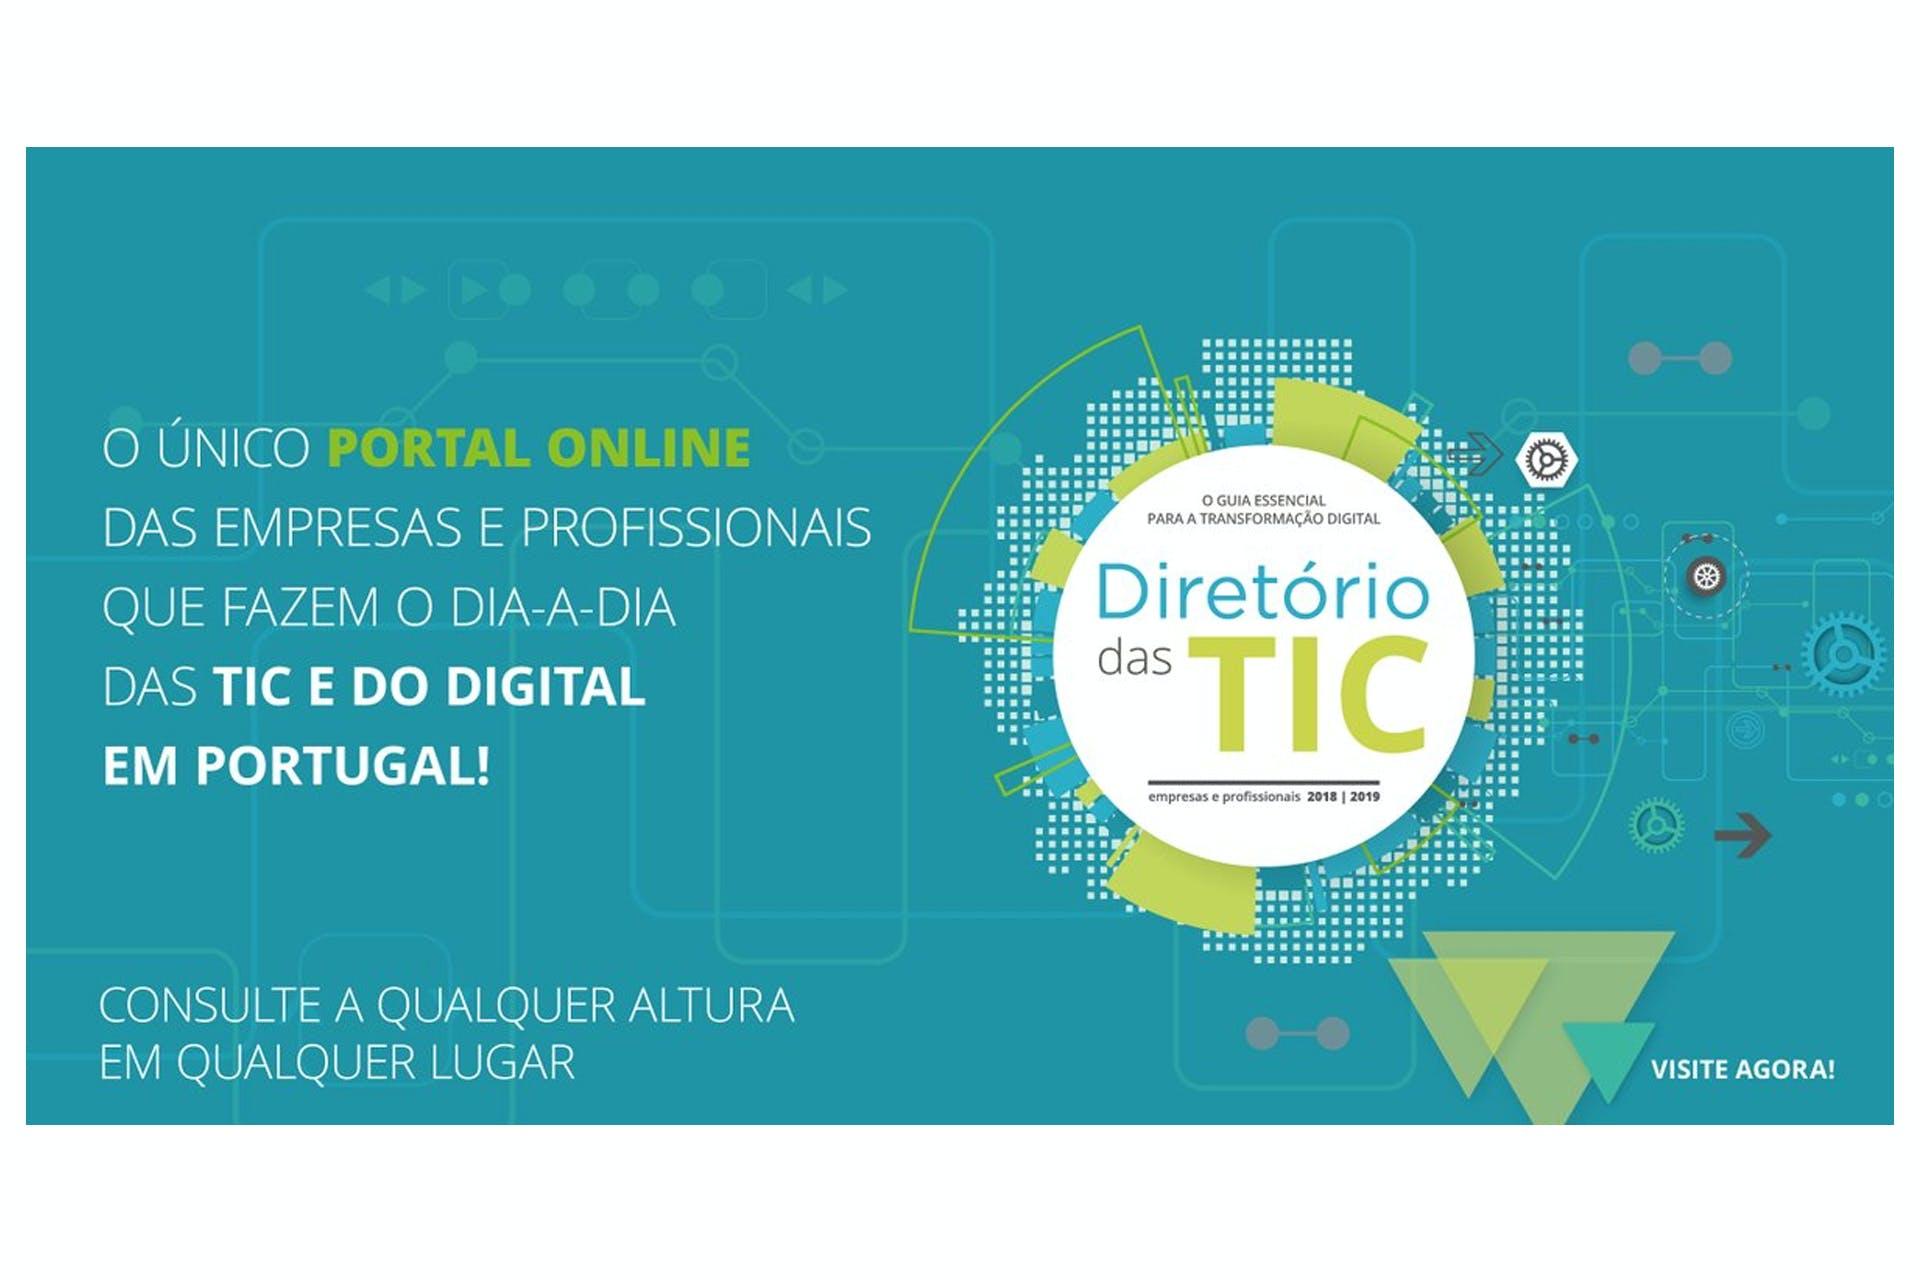 Diretório Global das TIC